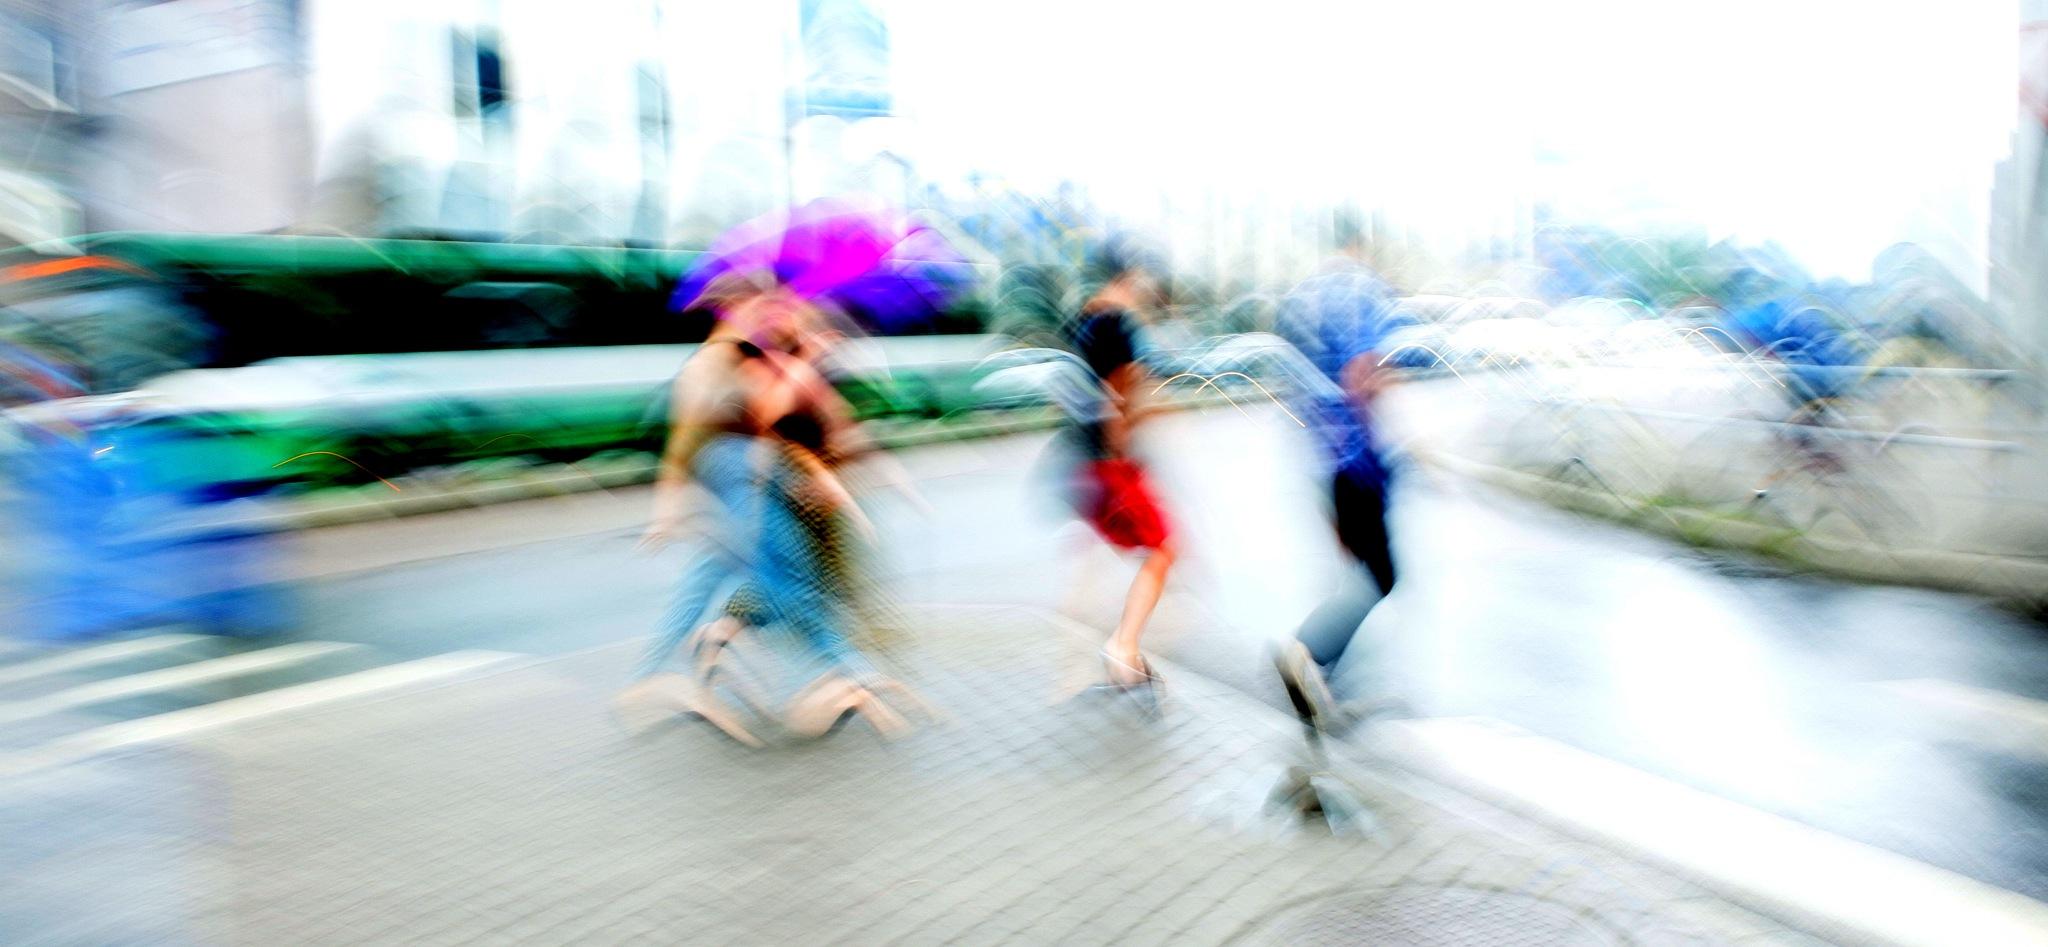 Movement Tallinn by Lasse Tur